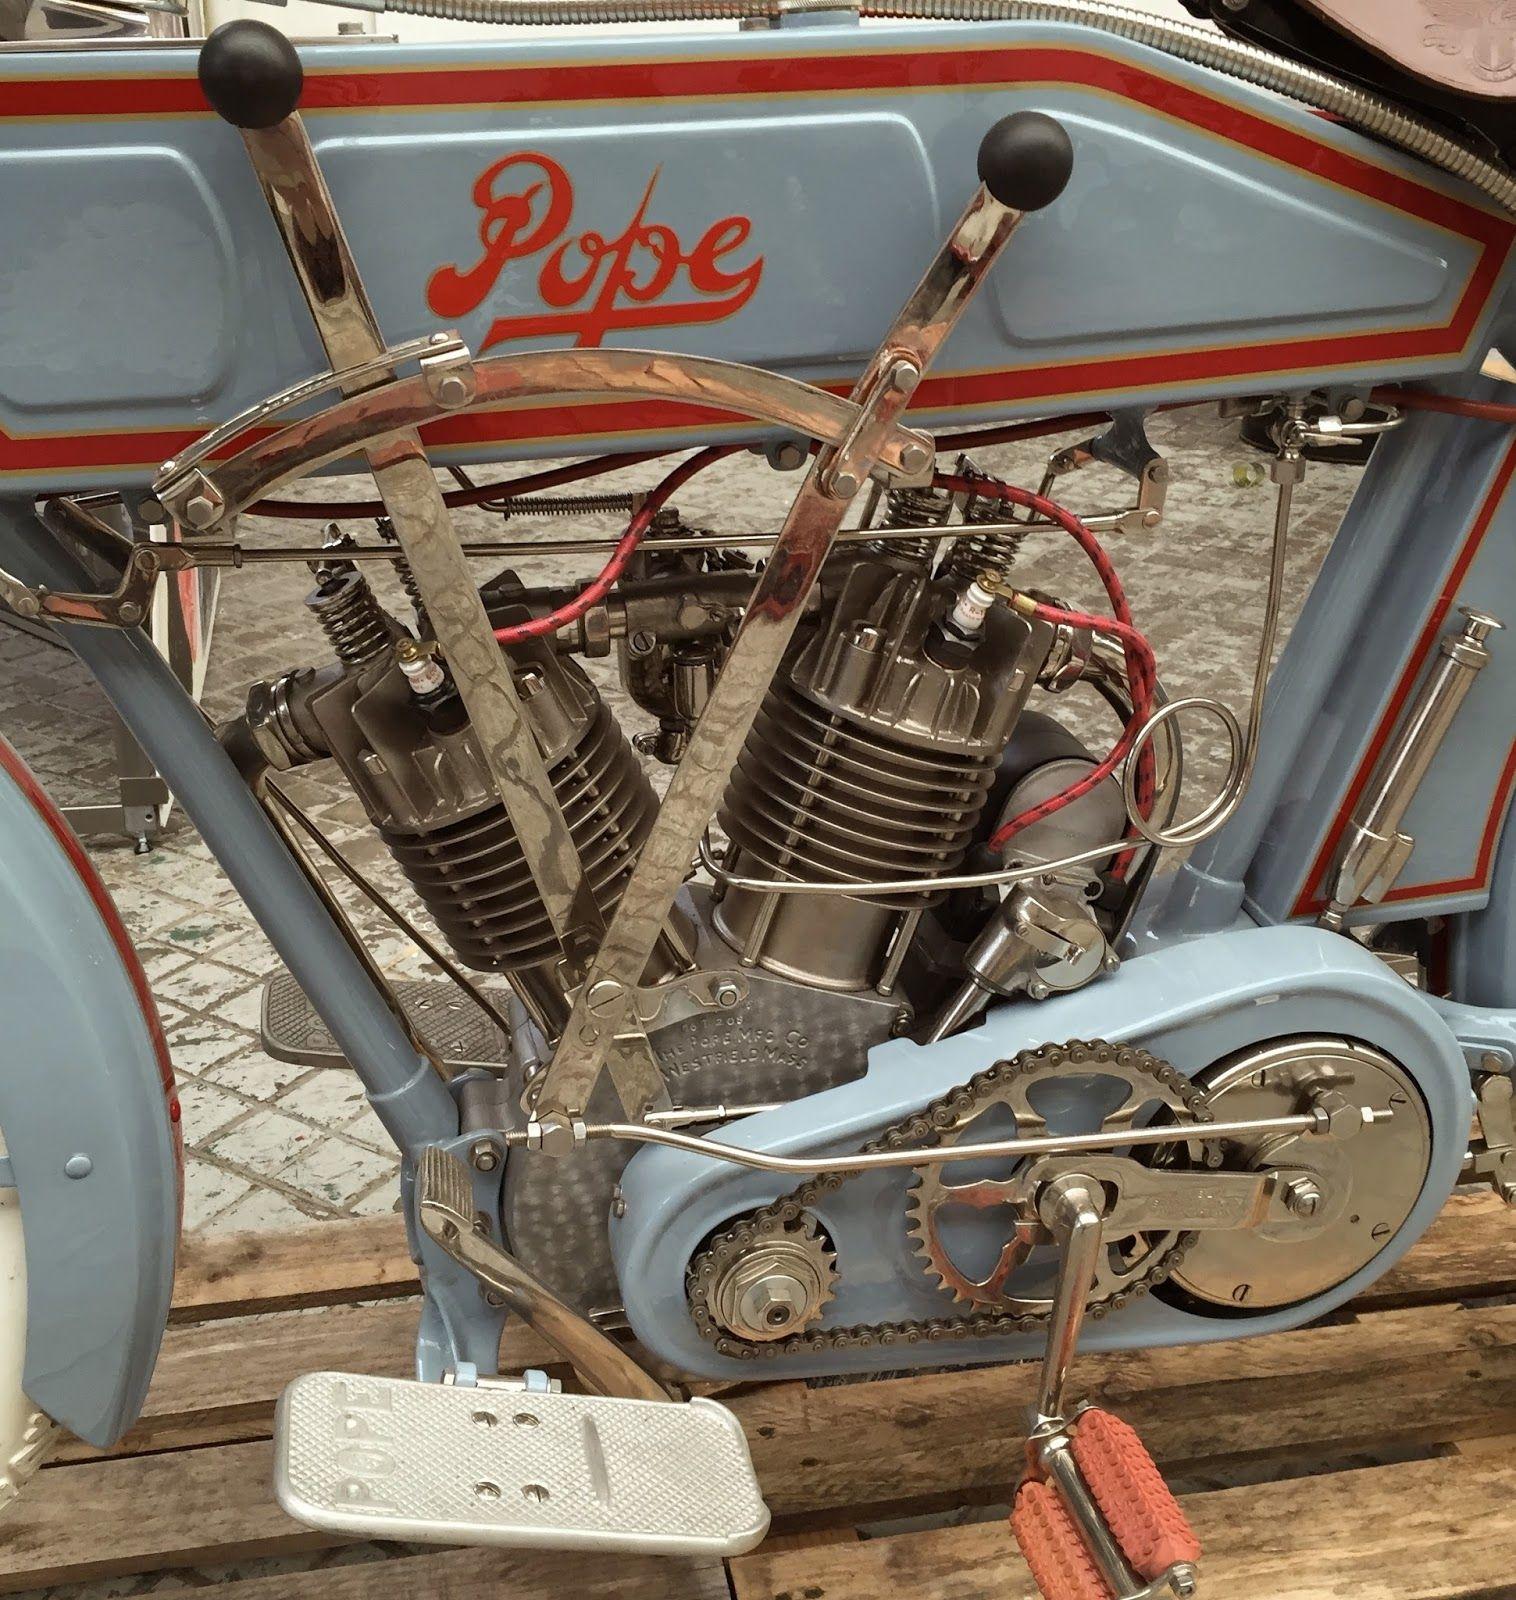 Pope Jpg 1516 1600 Wheel Art Vintage Bikes Bike